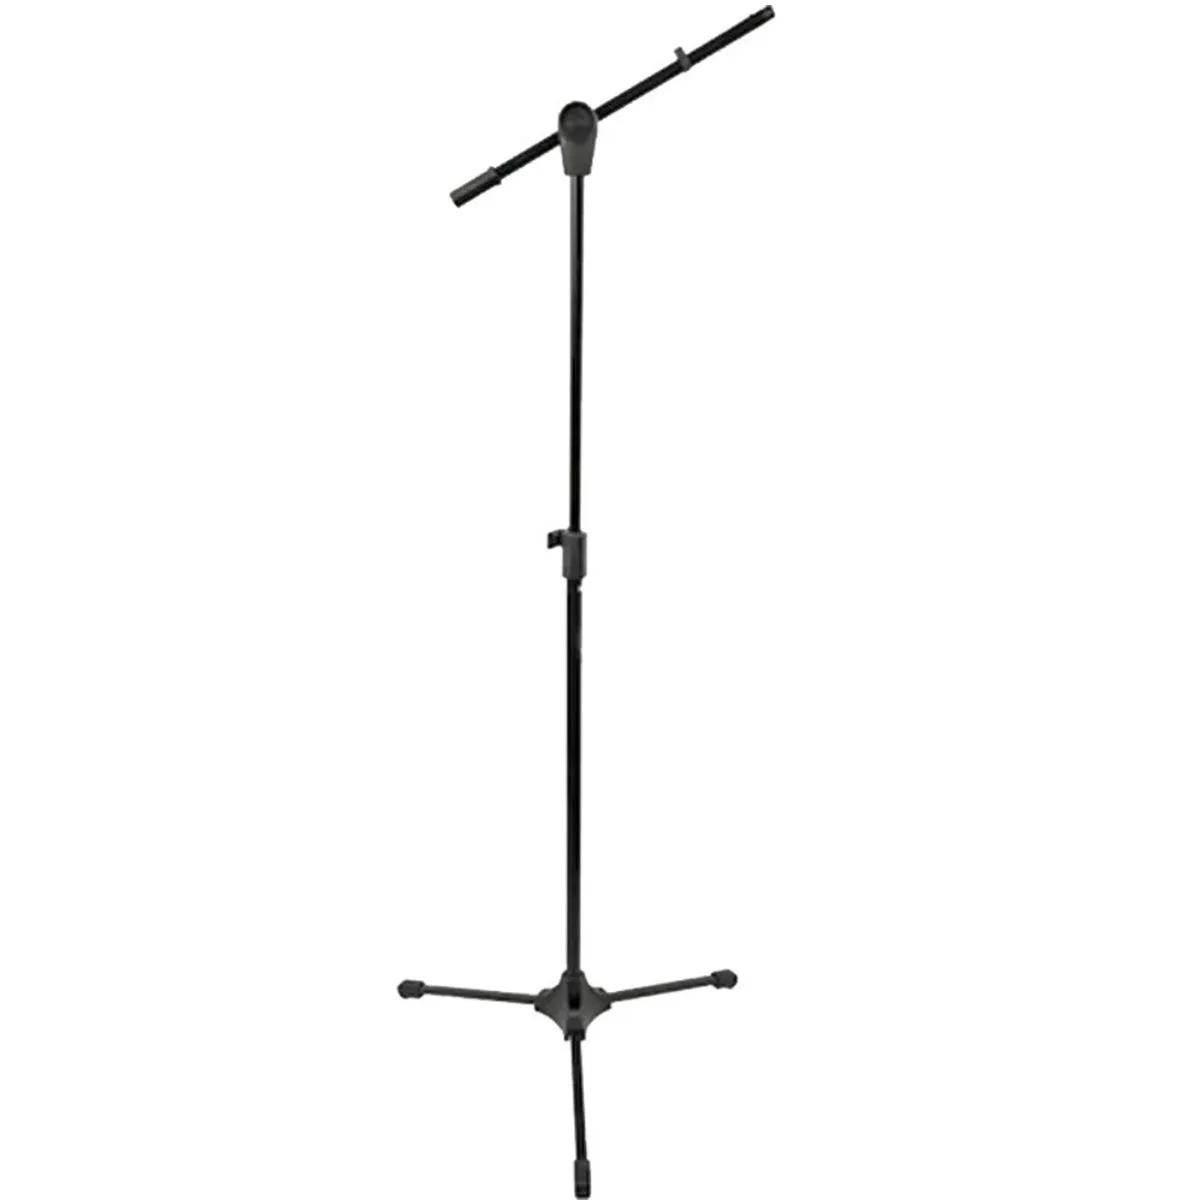 Pedestal Girafa RMV Psu0142 para Microfone